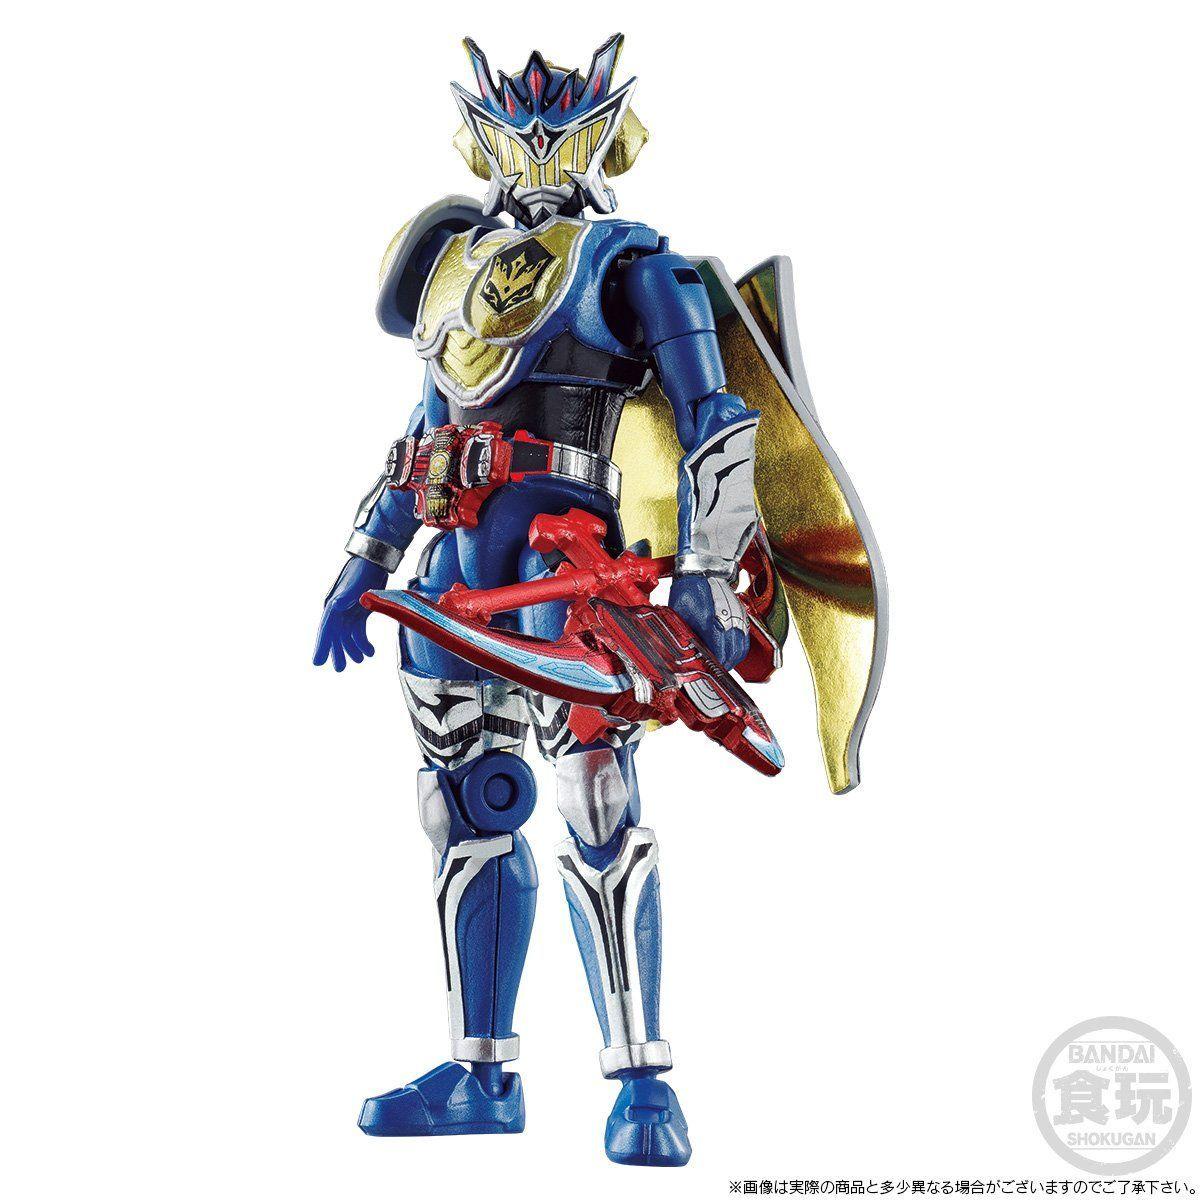 【限定販売】【食玩】SO-DO CHRONICLE『仮面ライダー鎧武 ゲネシスライダーセット』可動フィギュア-005